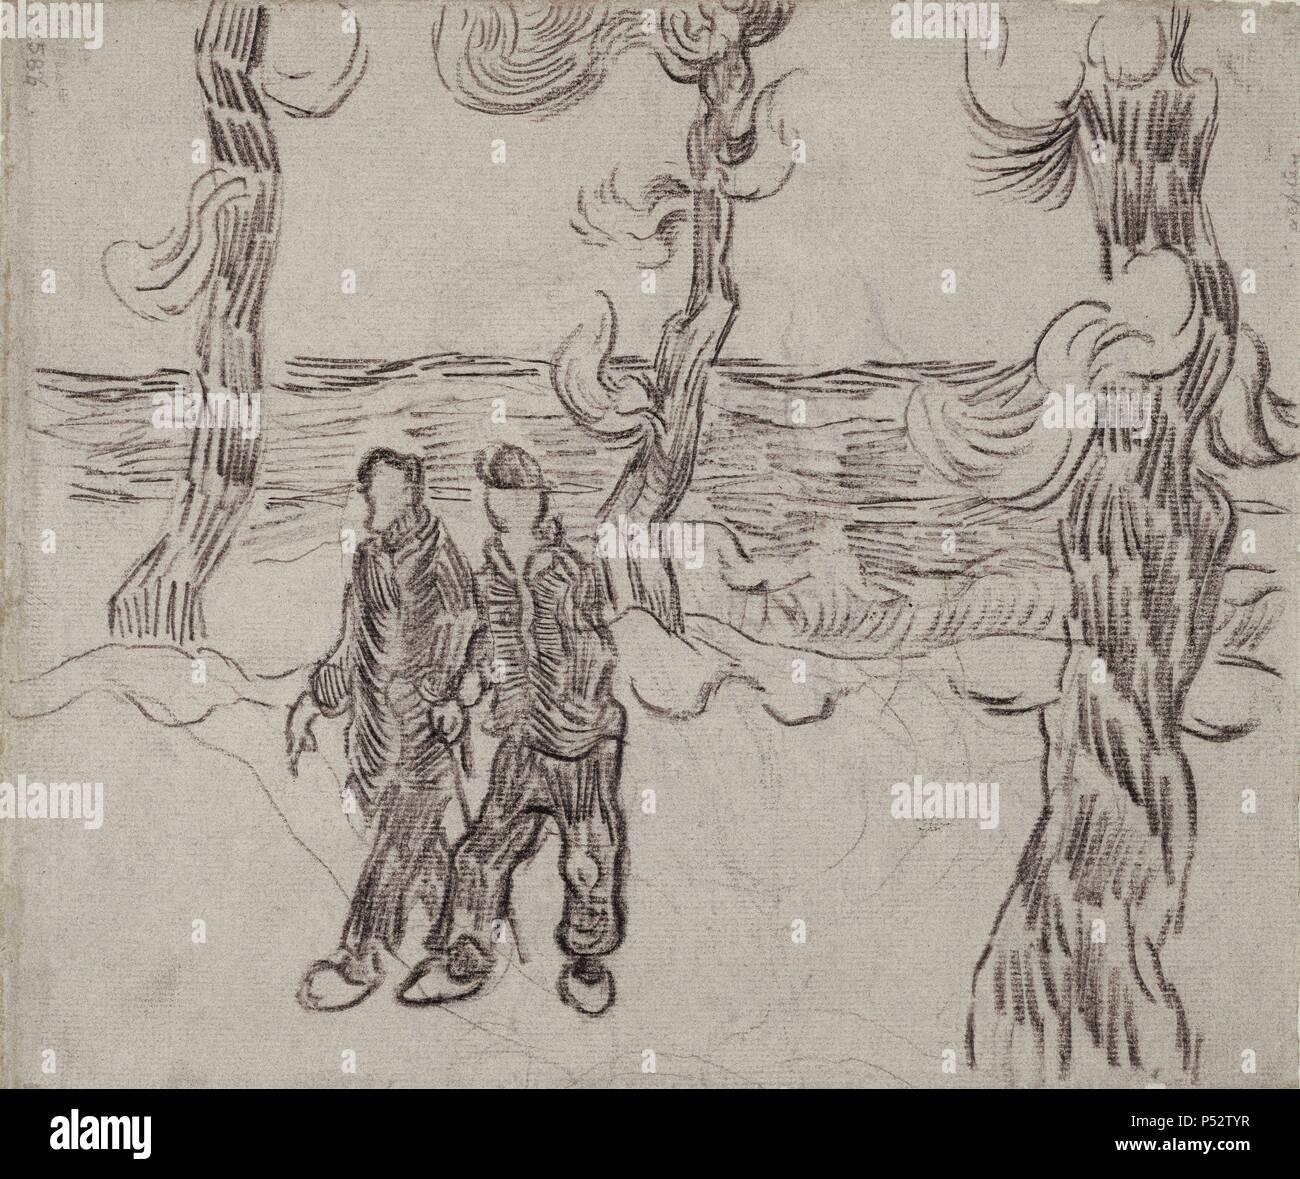 DOS HOMBRES EN UN CAMINO - SAINT-REMY - MARZO DE 1890 - DIBUJO EN PAPEL VERJURADO DE COLOR ROSADO - 24 cm x 28 cm. Author: Vincent van Gogh (1853-1890). Location: MUSEO VAN GOGH, AMSTERDAM, HOLANDA. - Stock Image